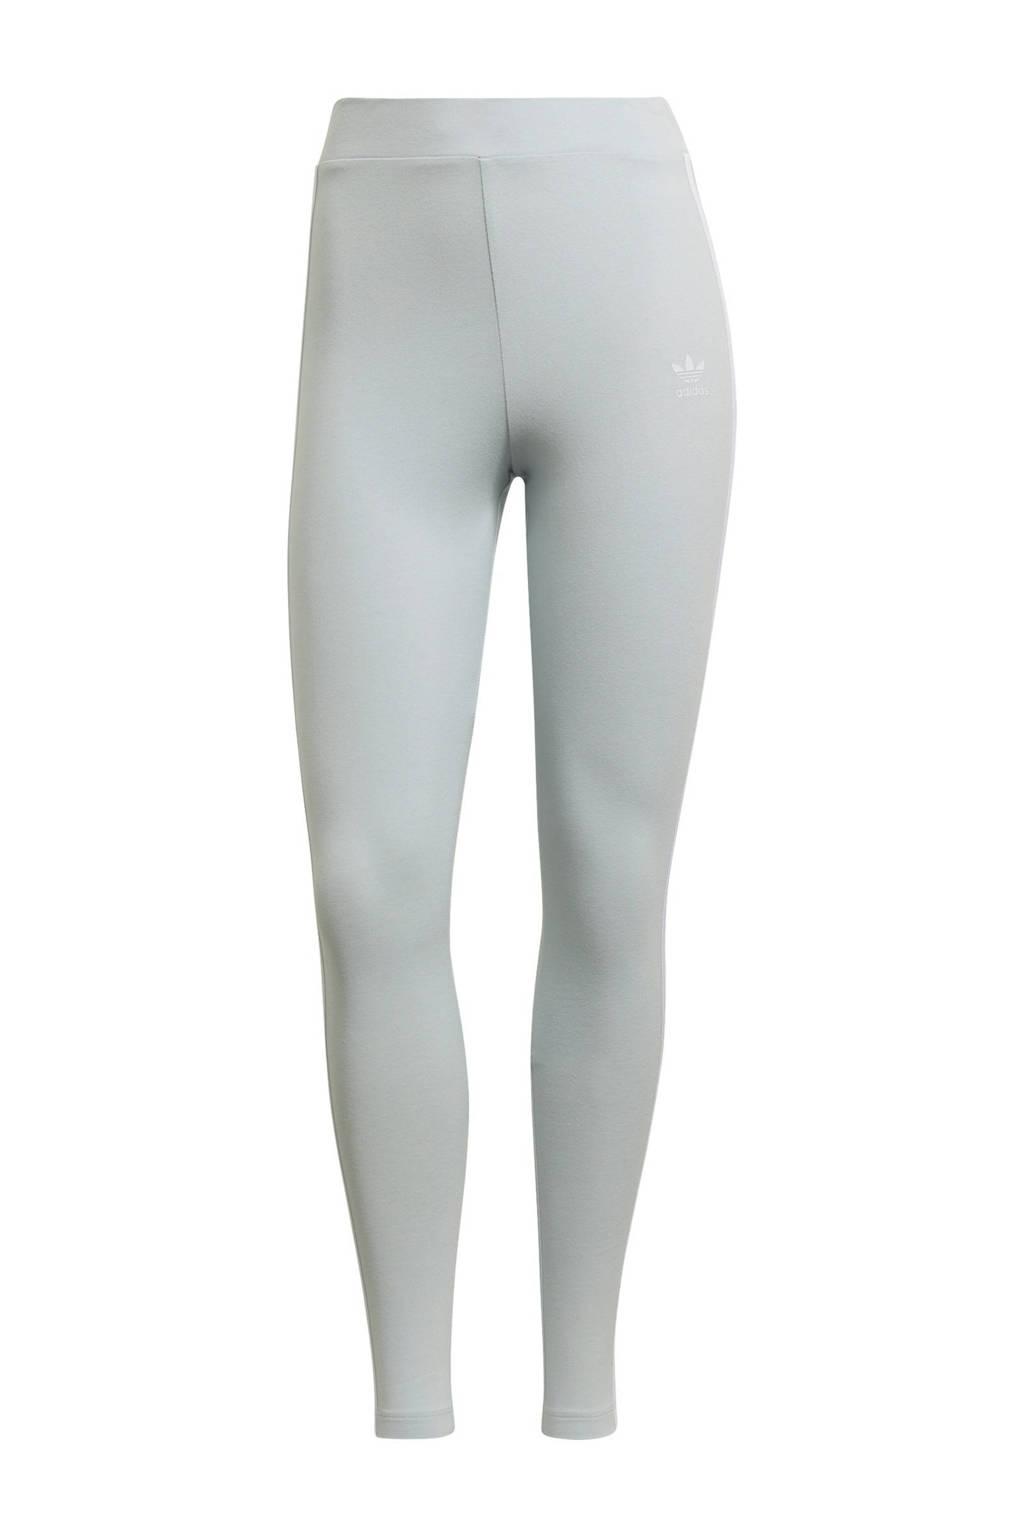 adidas Originals Adicolor legging lichtblauw, Lichtblauw